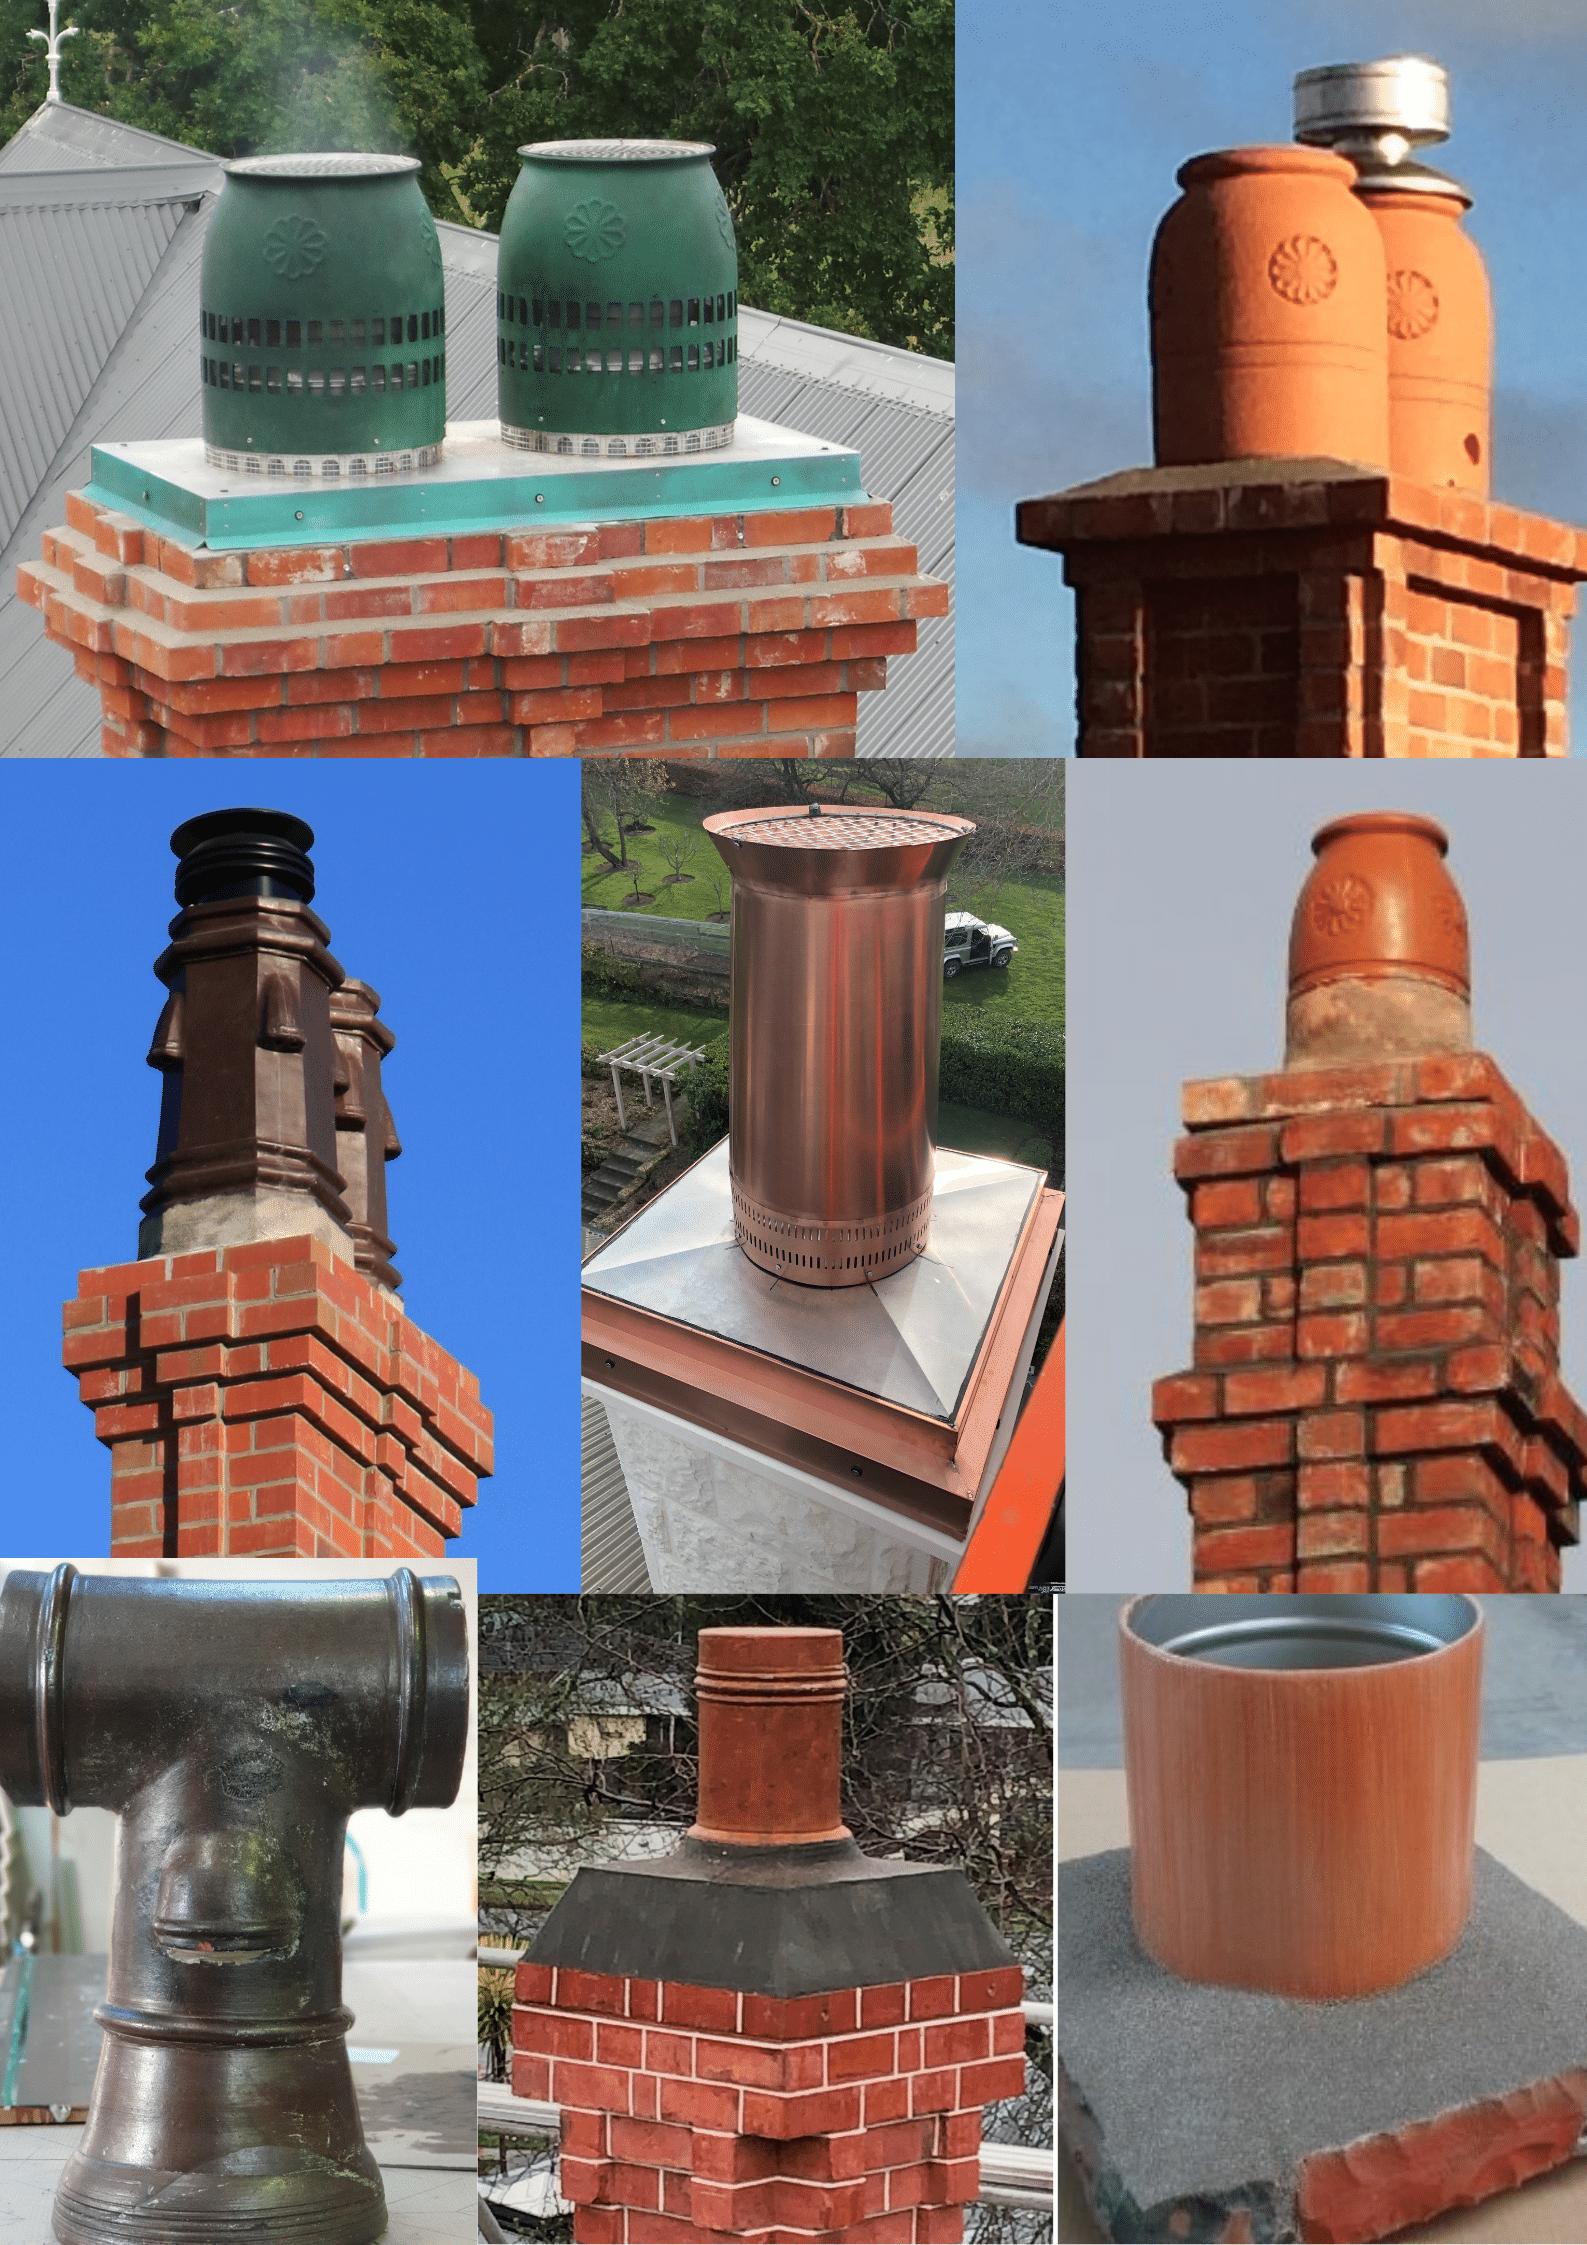 Chimney pots. Copper pot, bronze pots, fibreglass pots, terracota pot and pipe, Honey pot